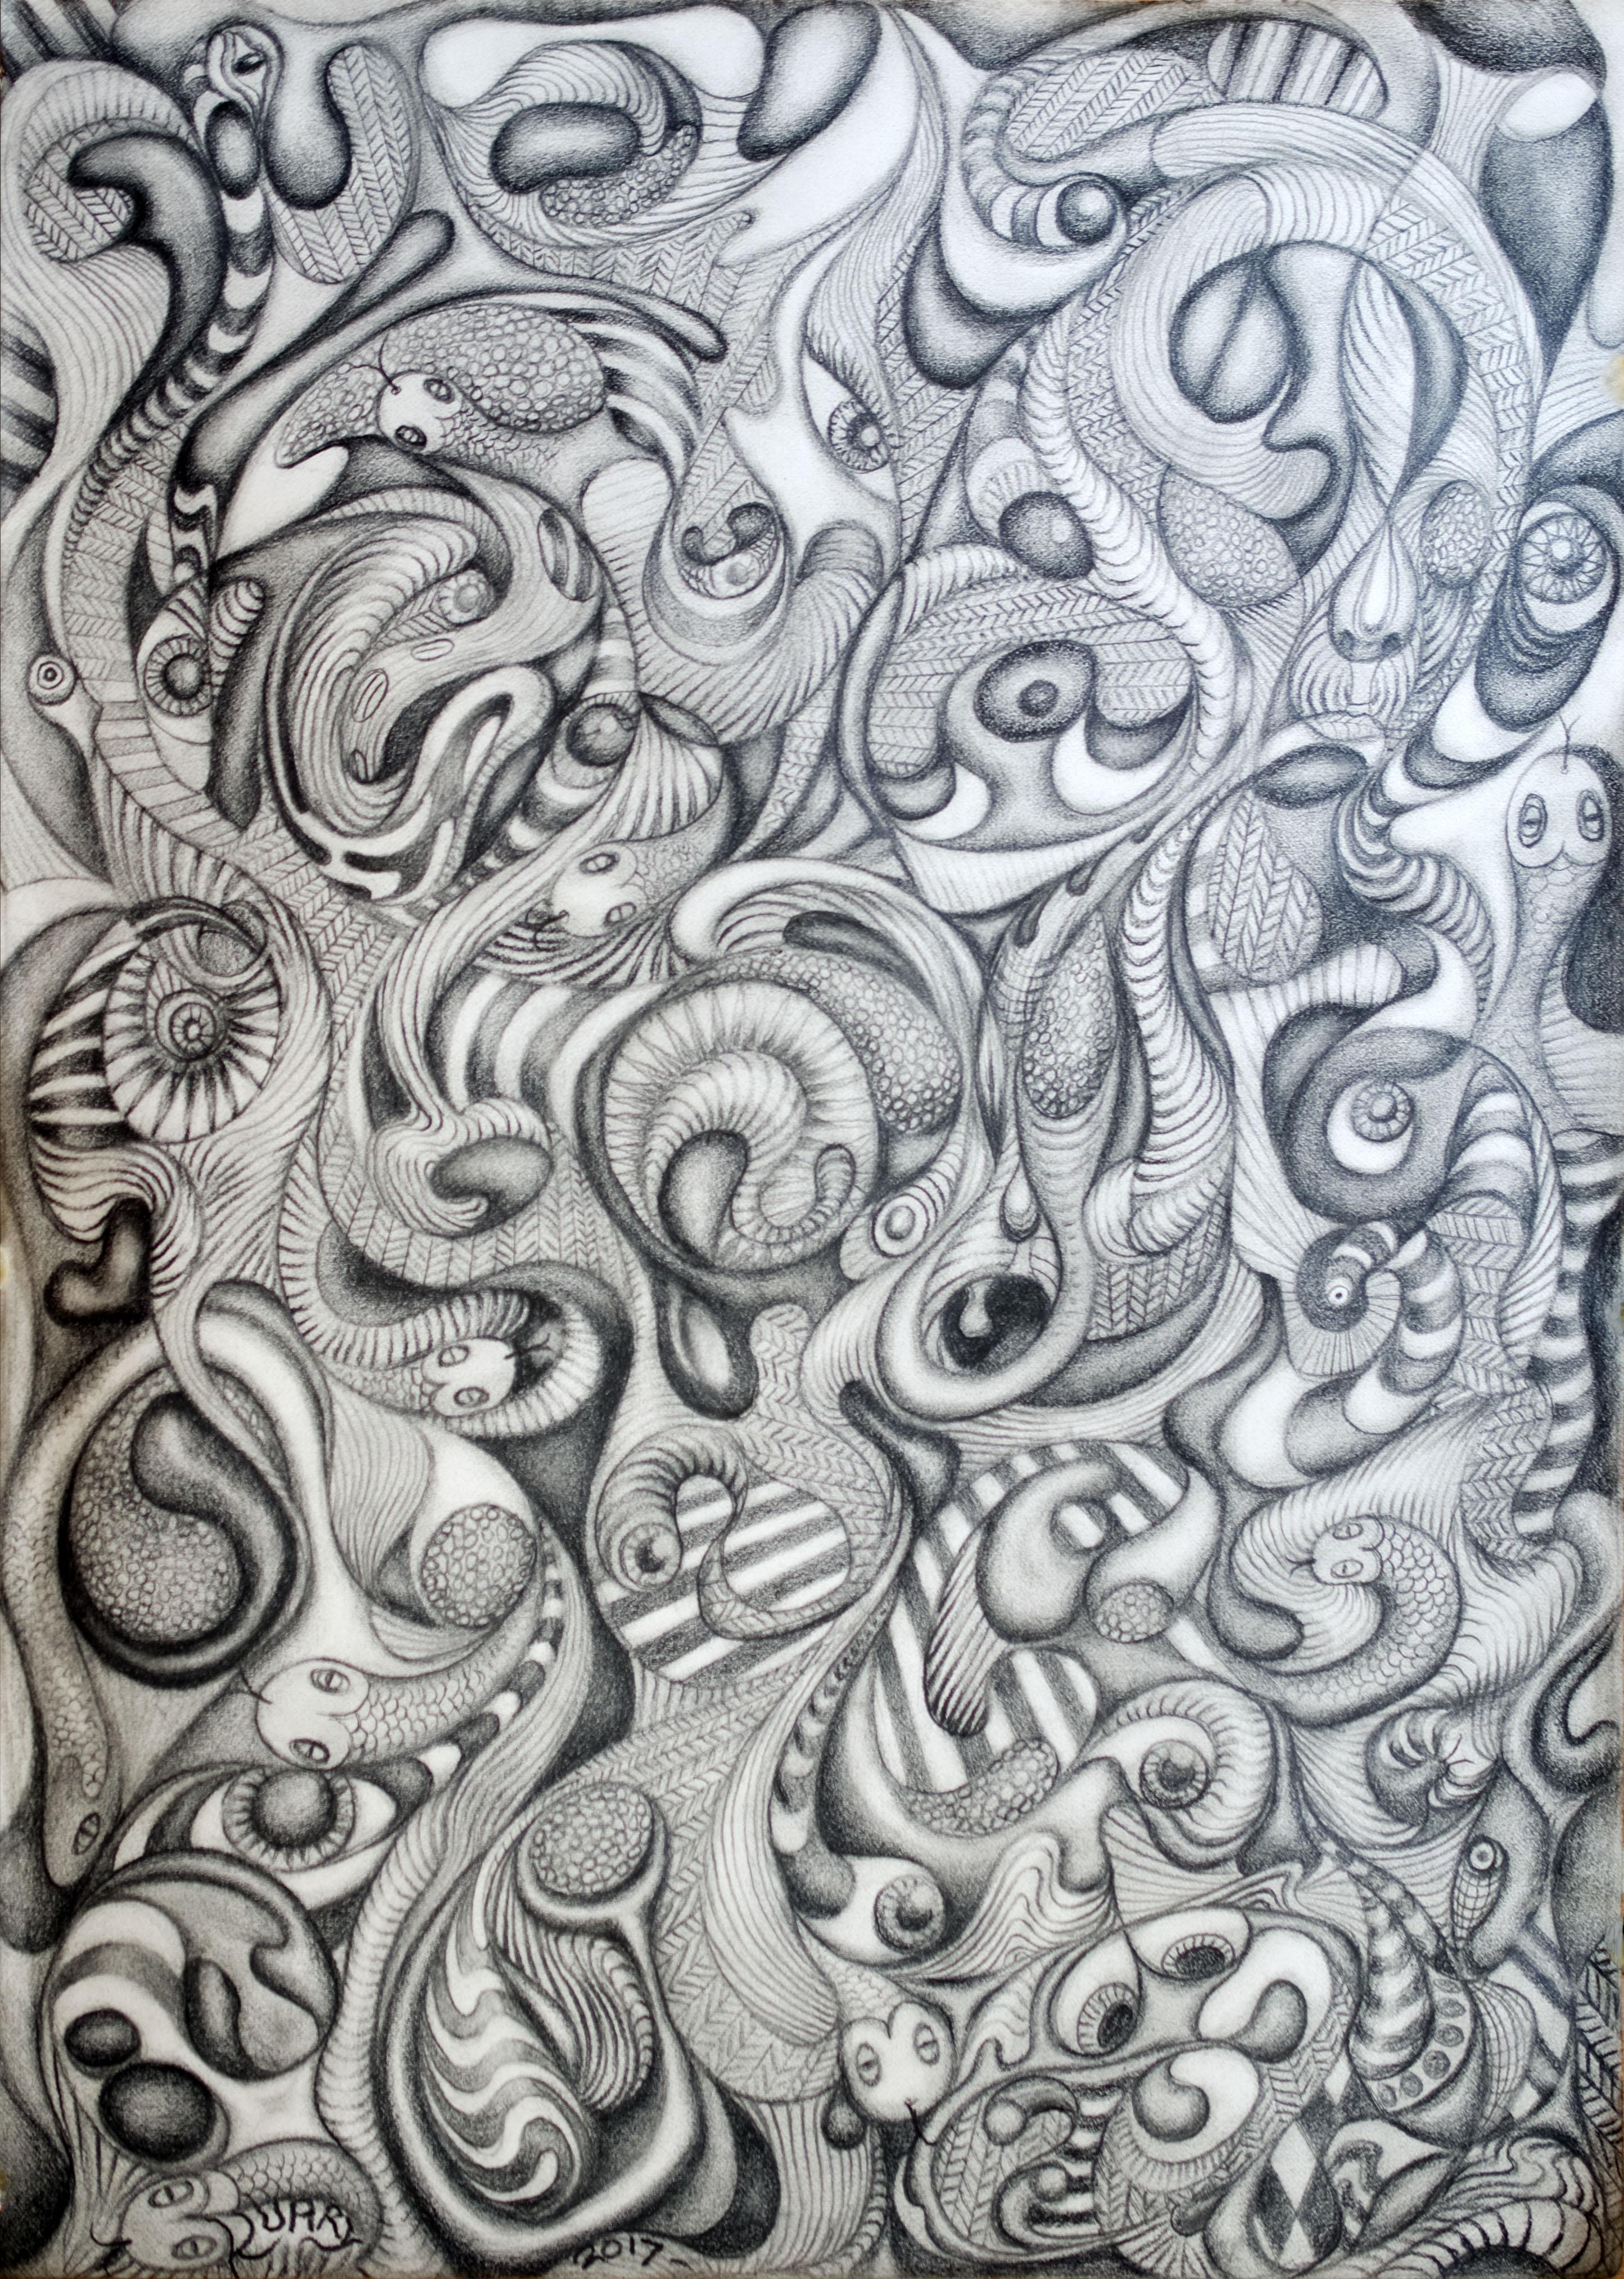 Boneyejelly (2017), pencil on A3 paper. Bath, England